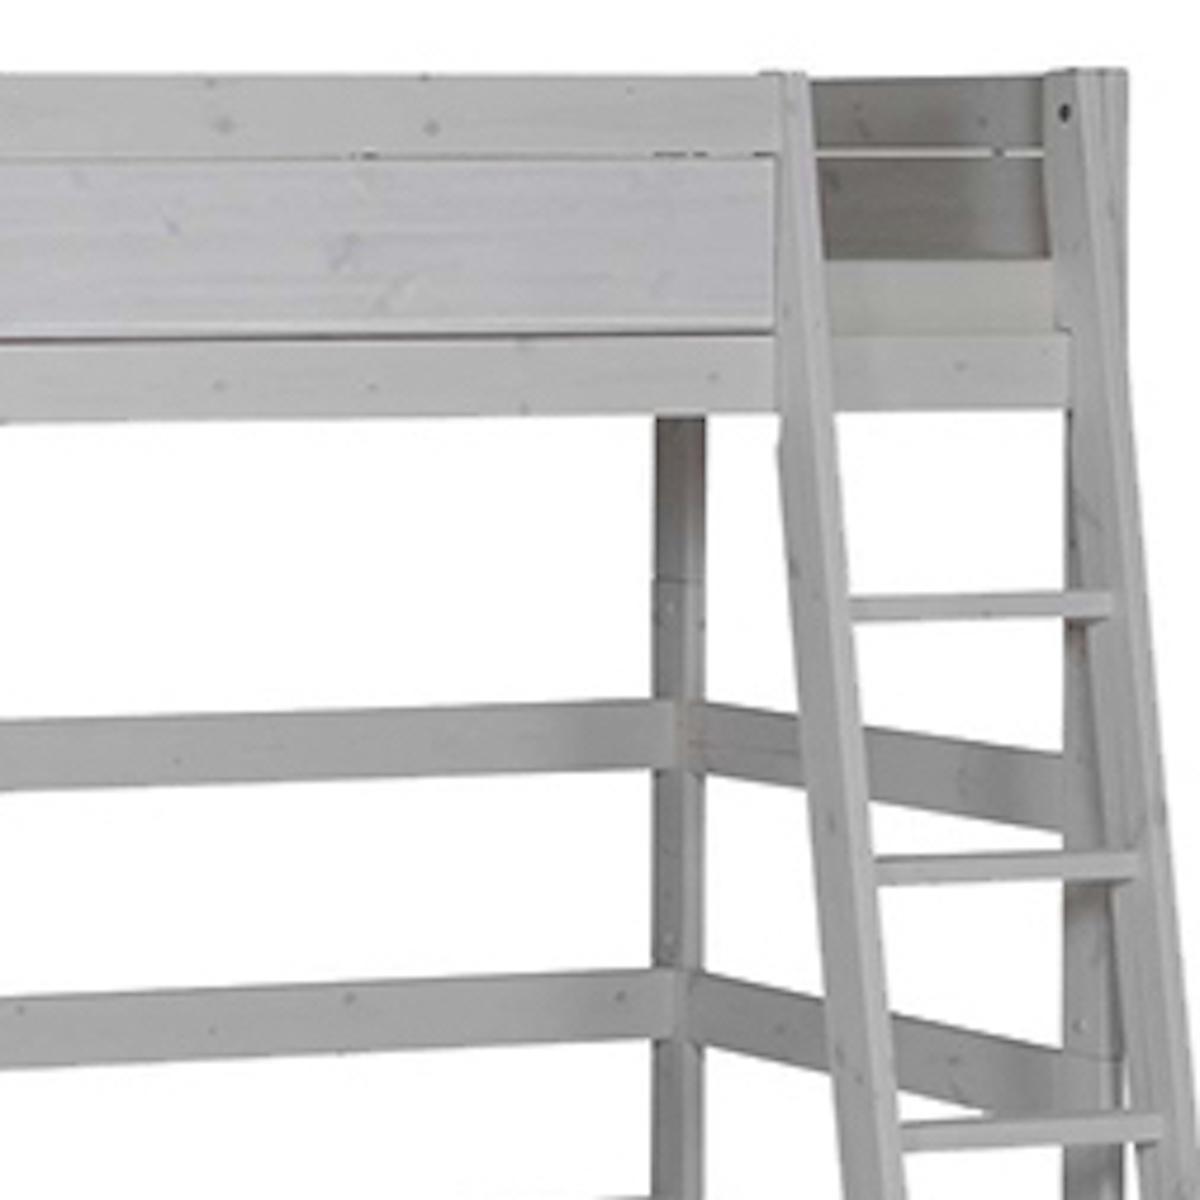 Cama alta-escalera inclinada 90x200cm Lifetime gris